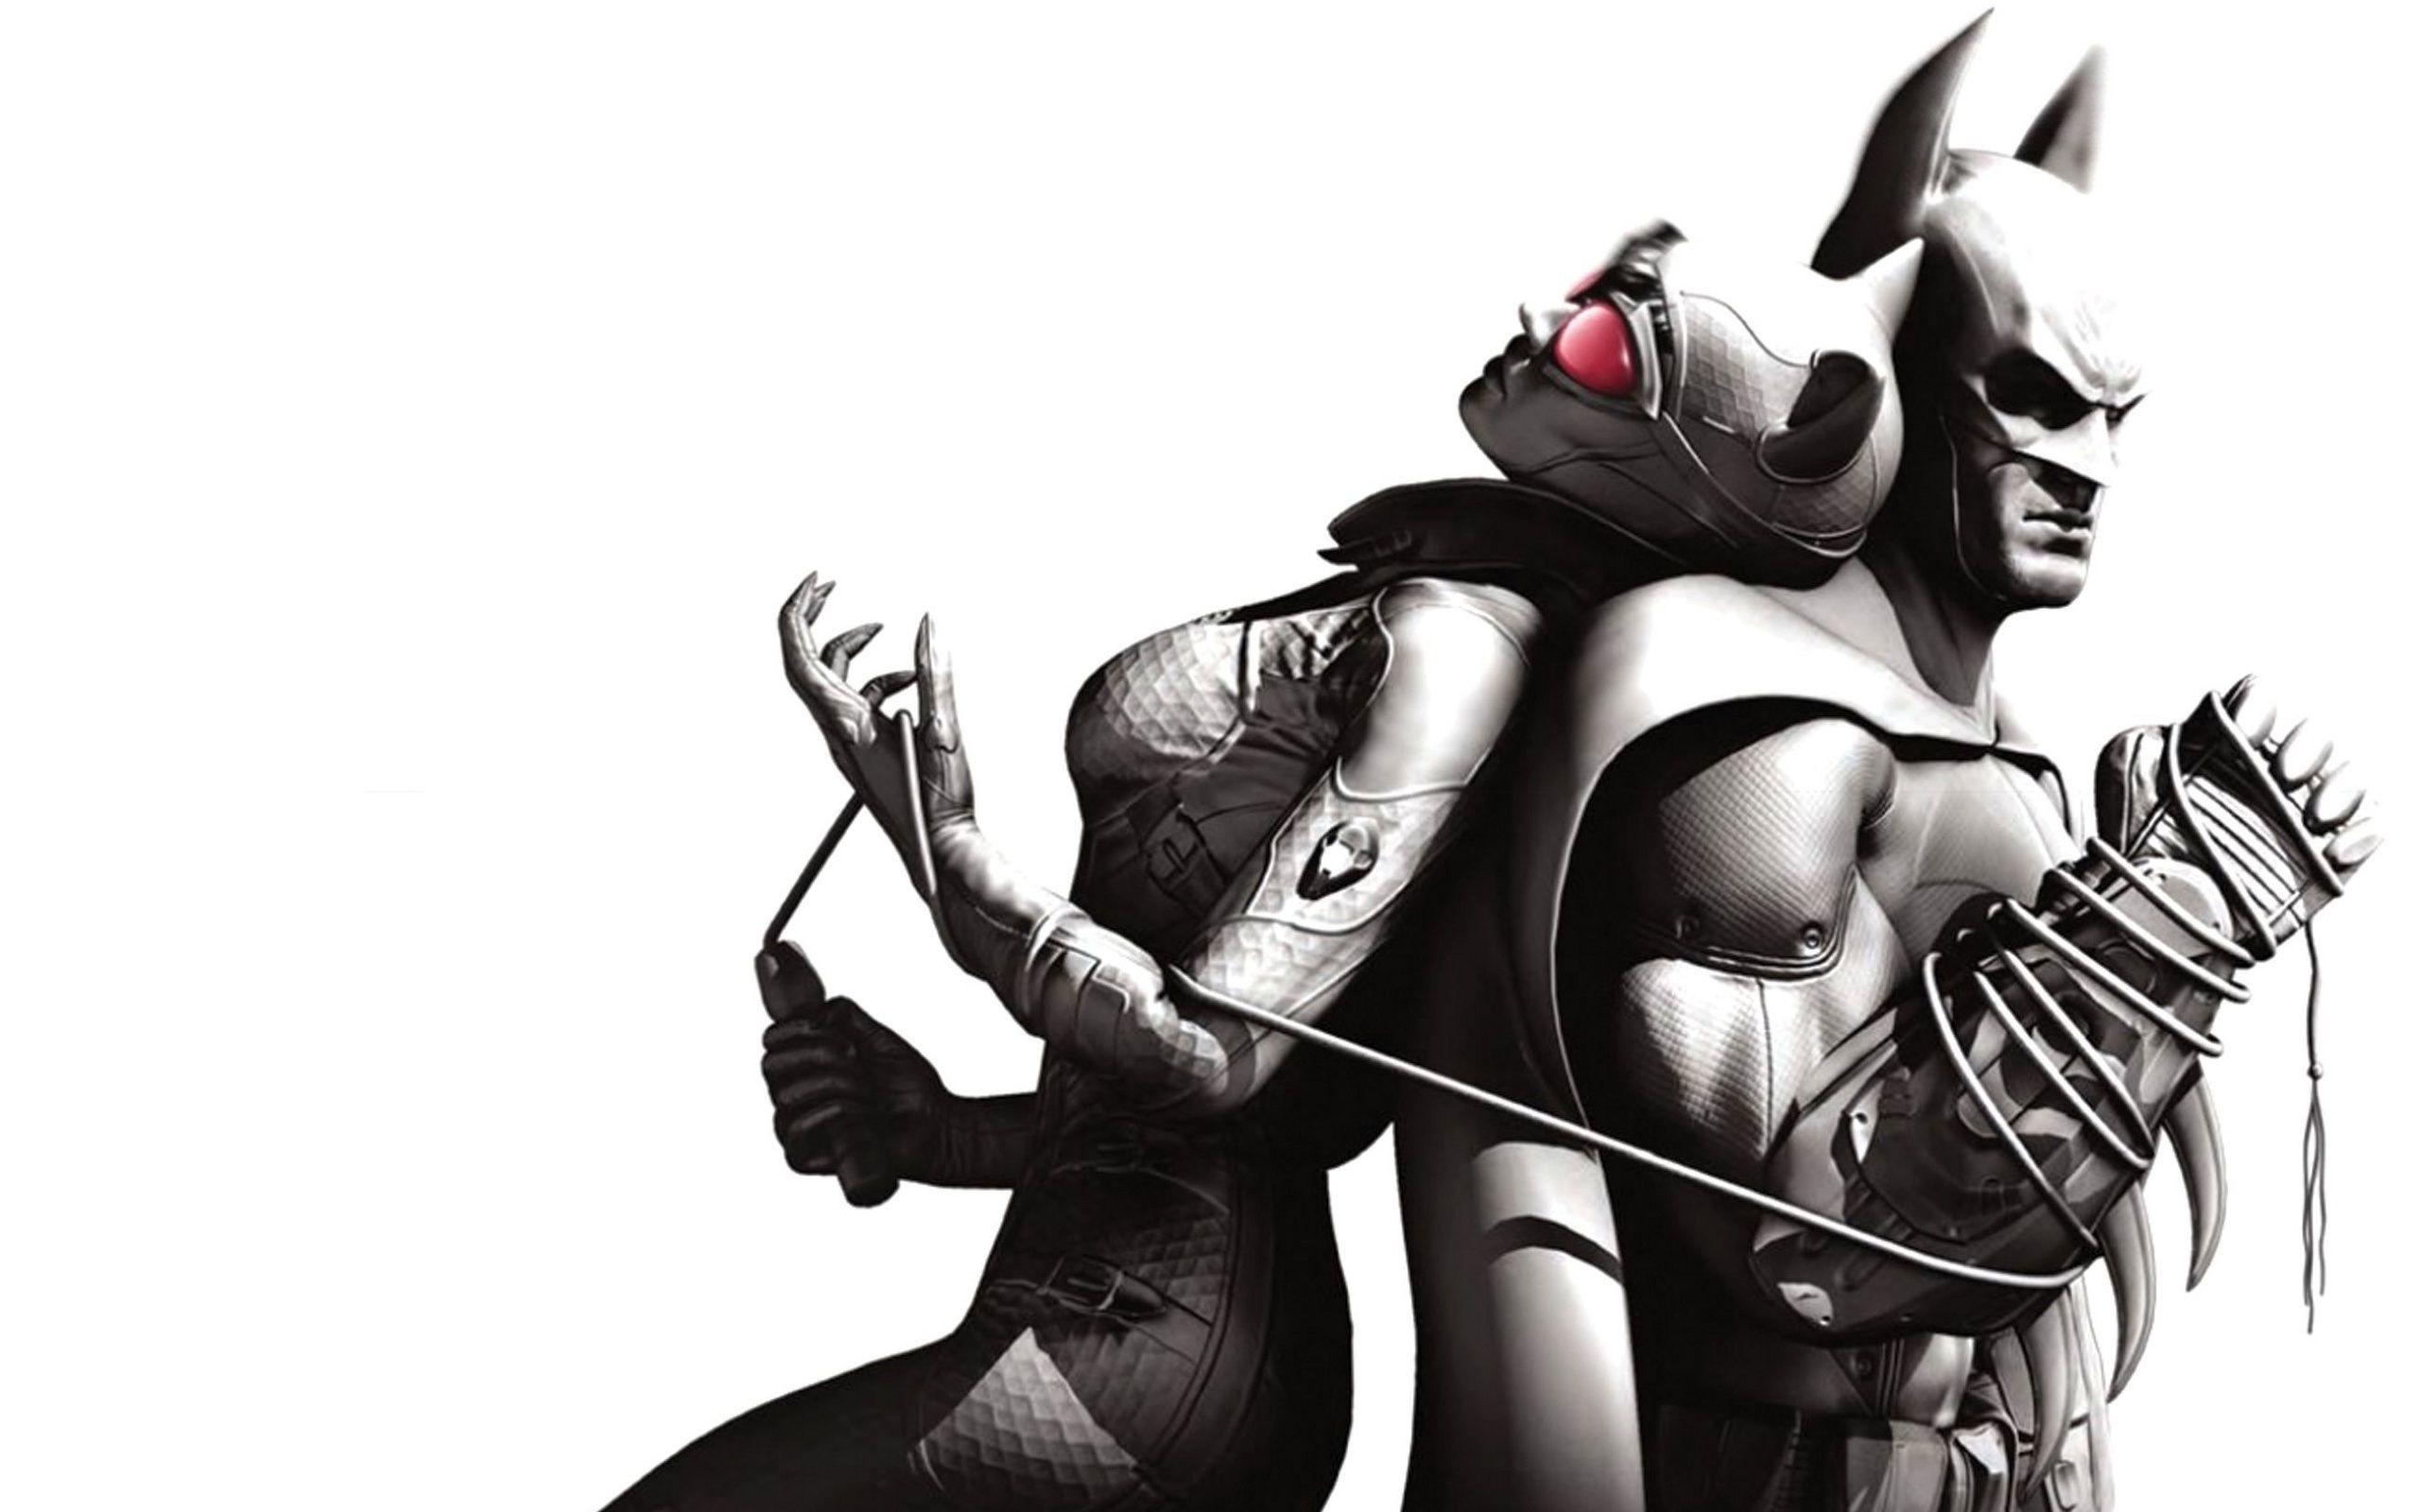 batman-arkham-city-batman-and-catwoman-2560×1600-wallpaper-